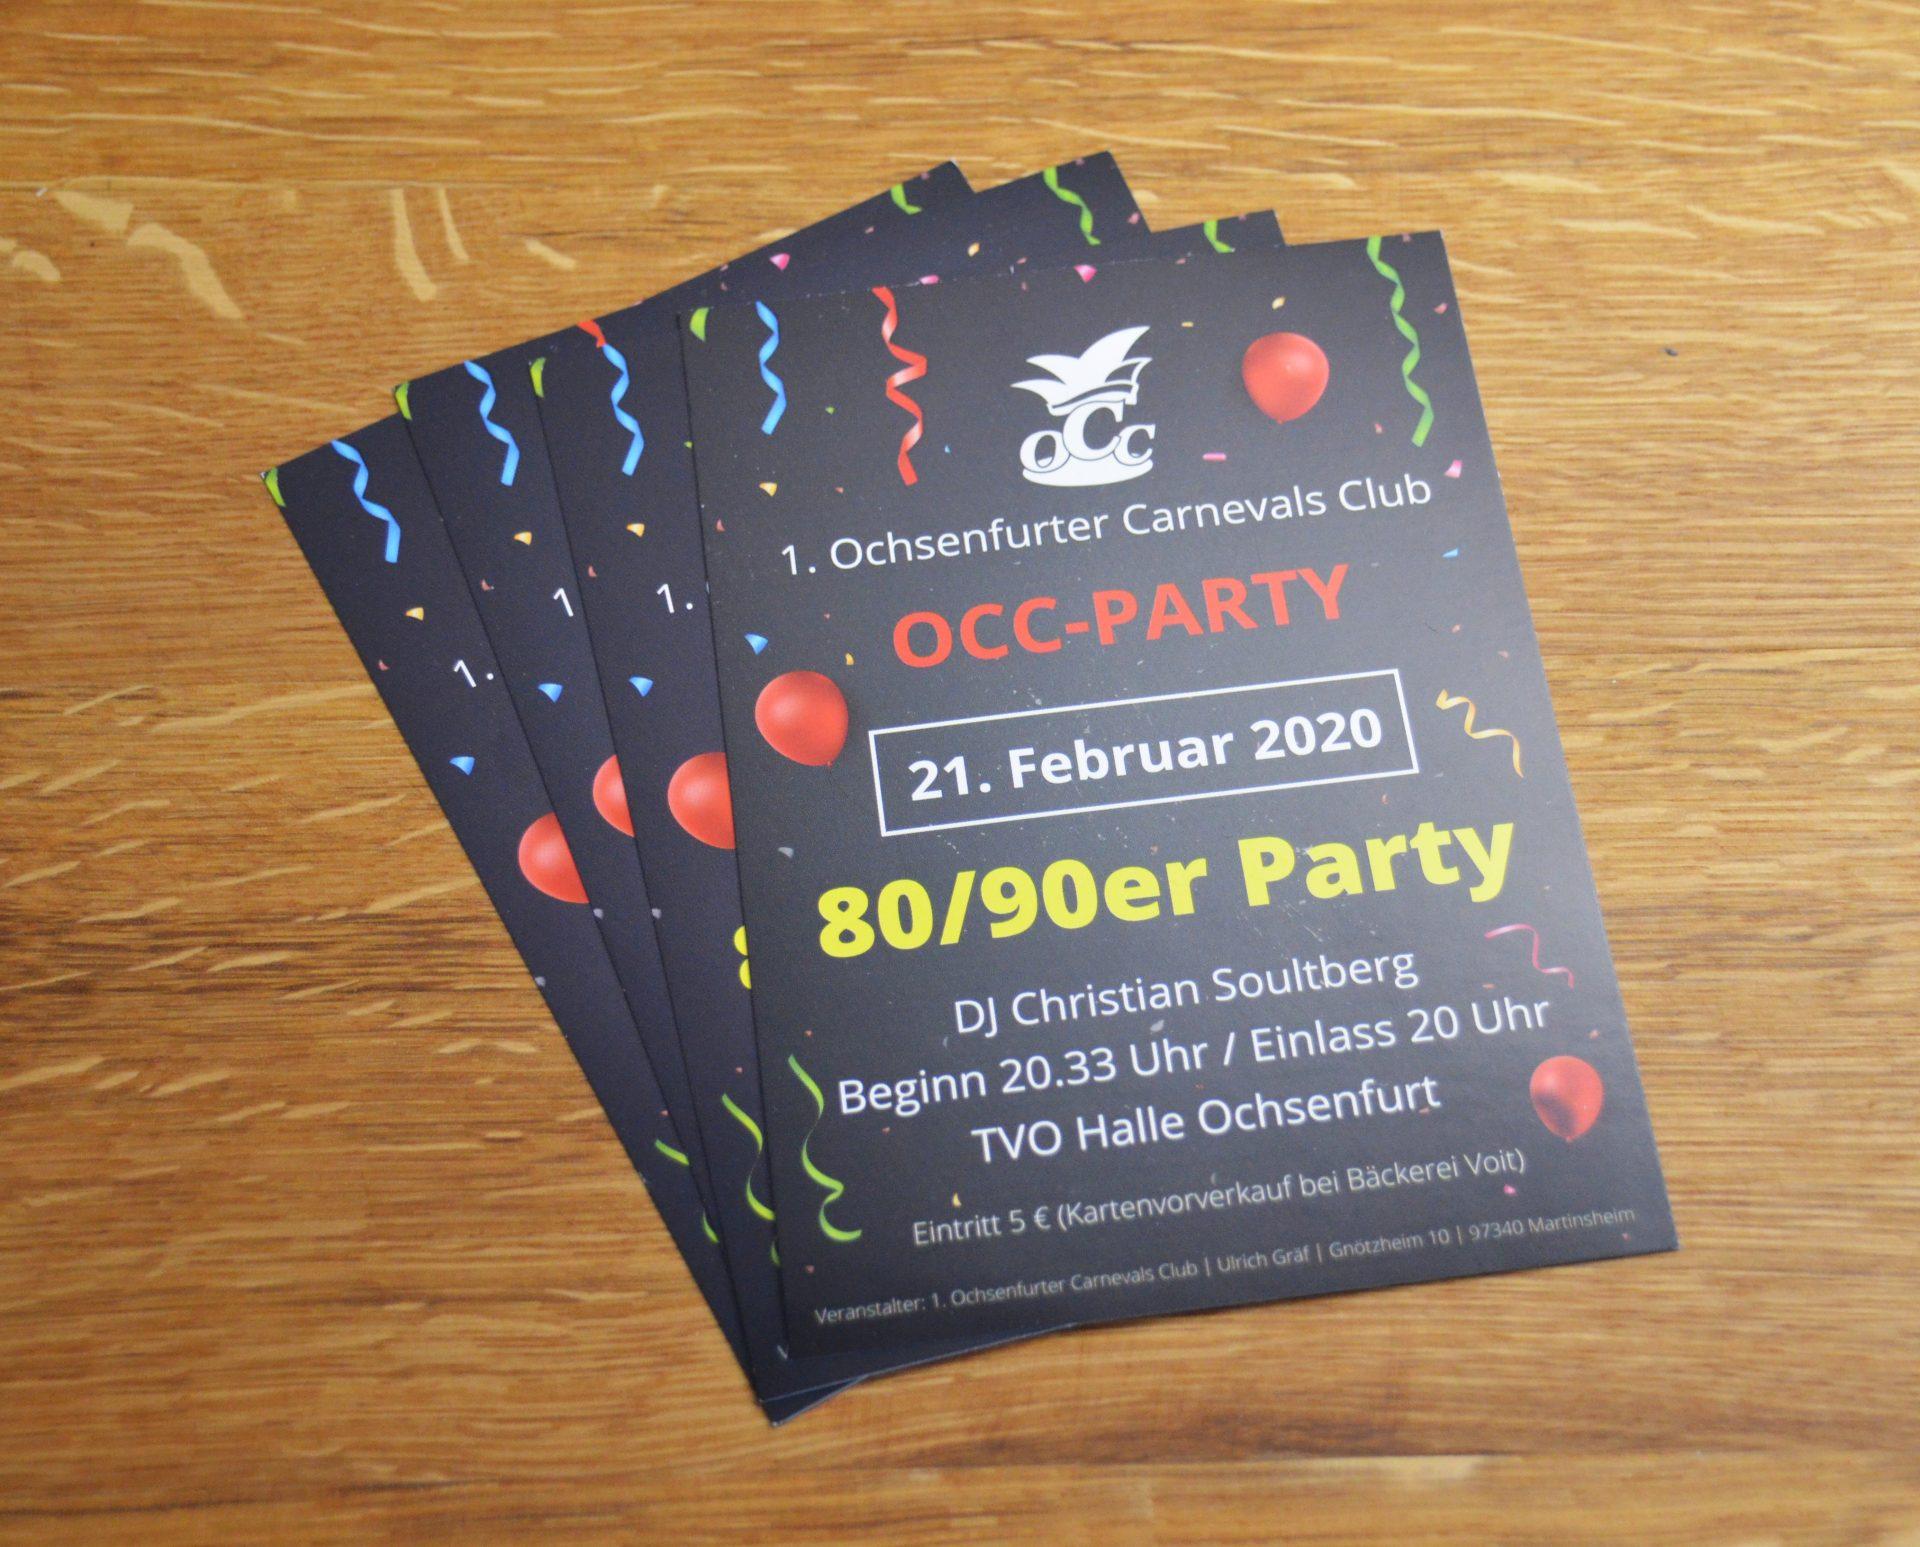 FZ Mediengestaltung - OCC Party Veranstaltungsflyer